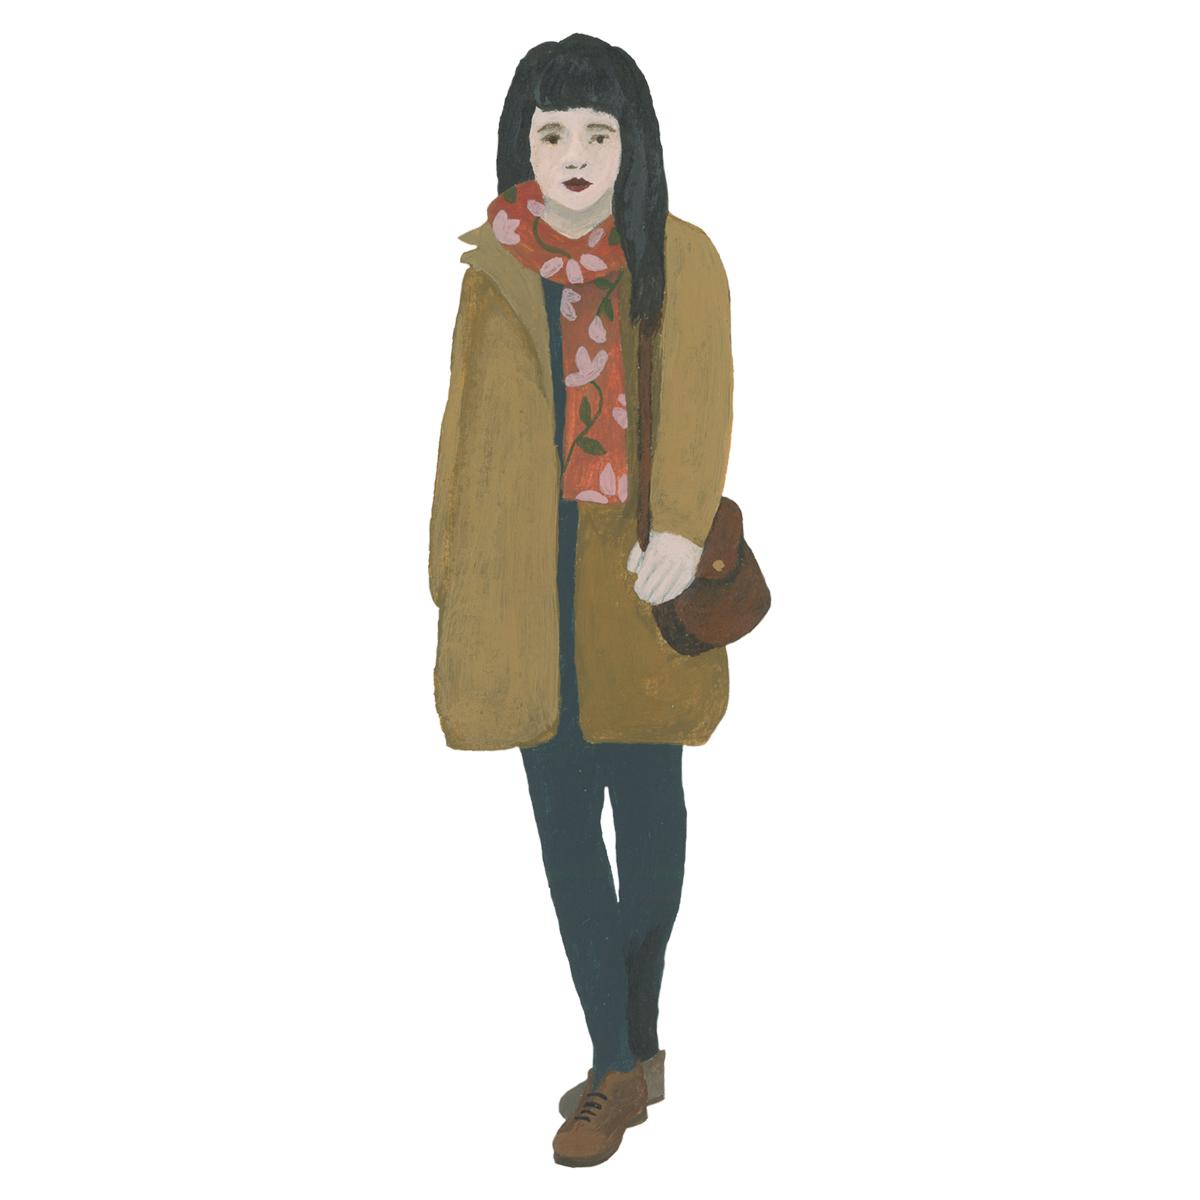 lacabanenvoyage-mensen-illustraties-tekeningen-8.jpg